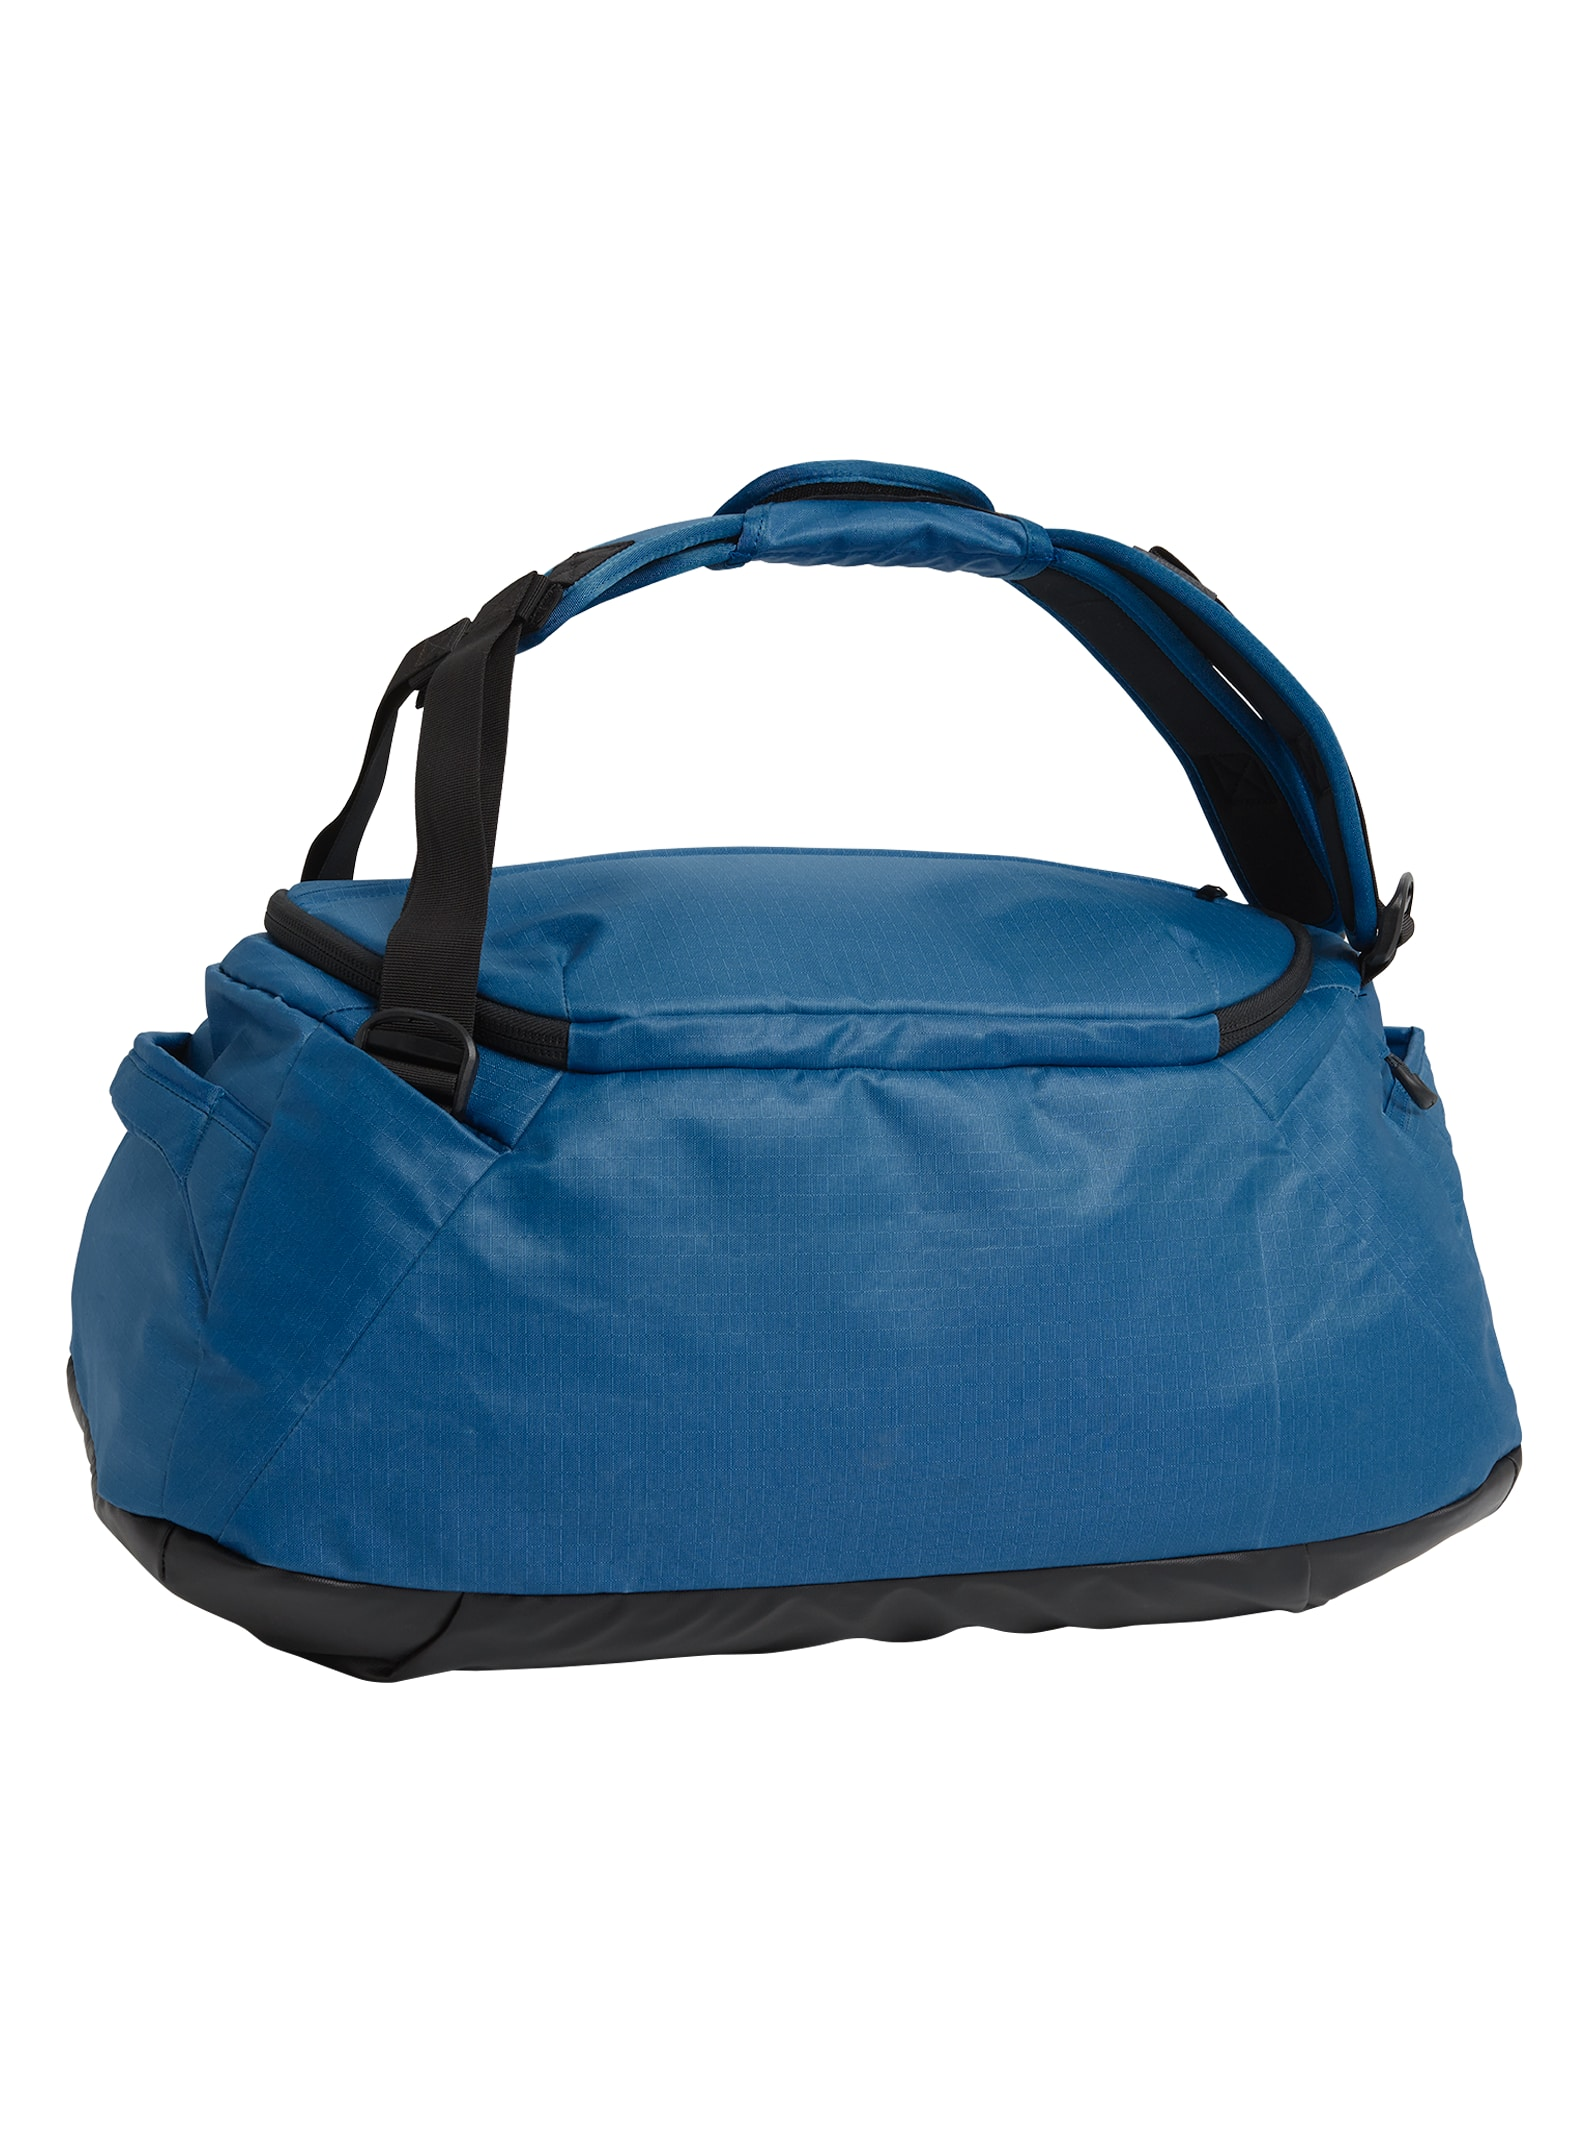 Burton Multipath Duffle Bag 40L  653a9027158dd